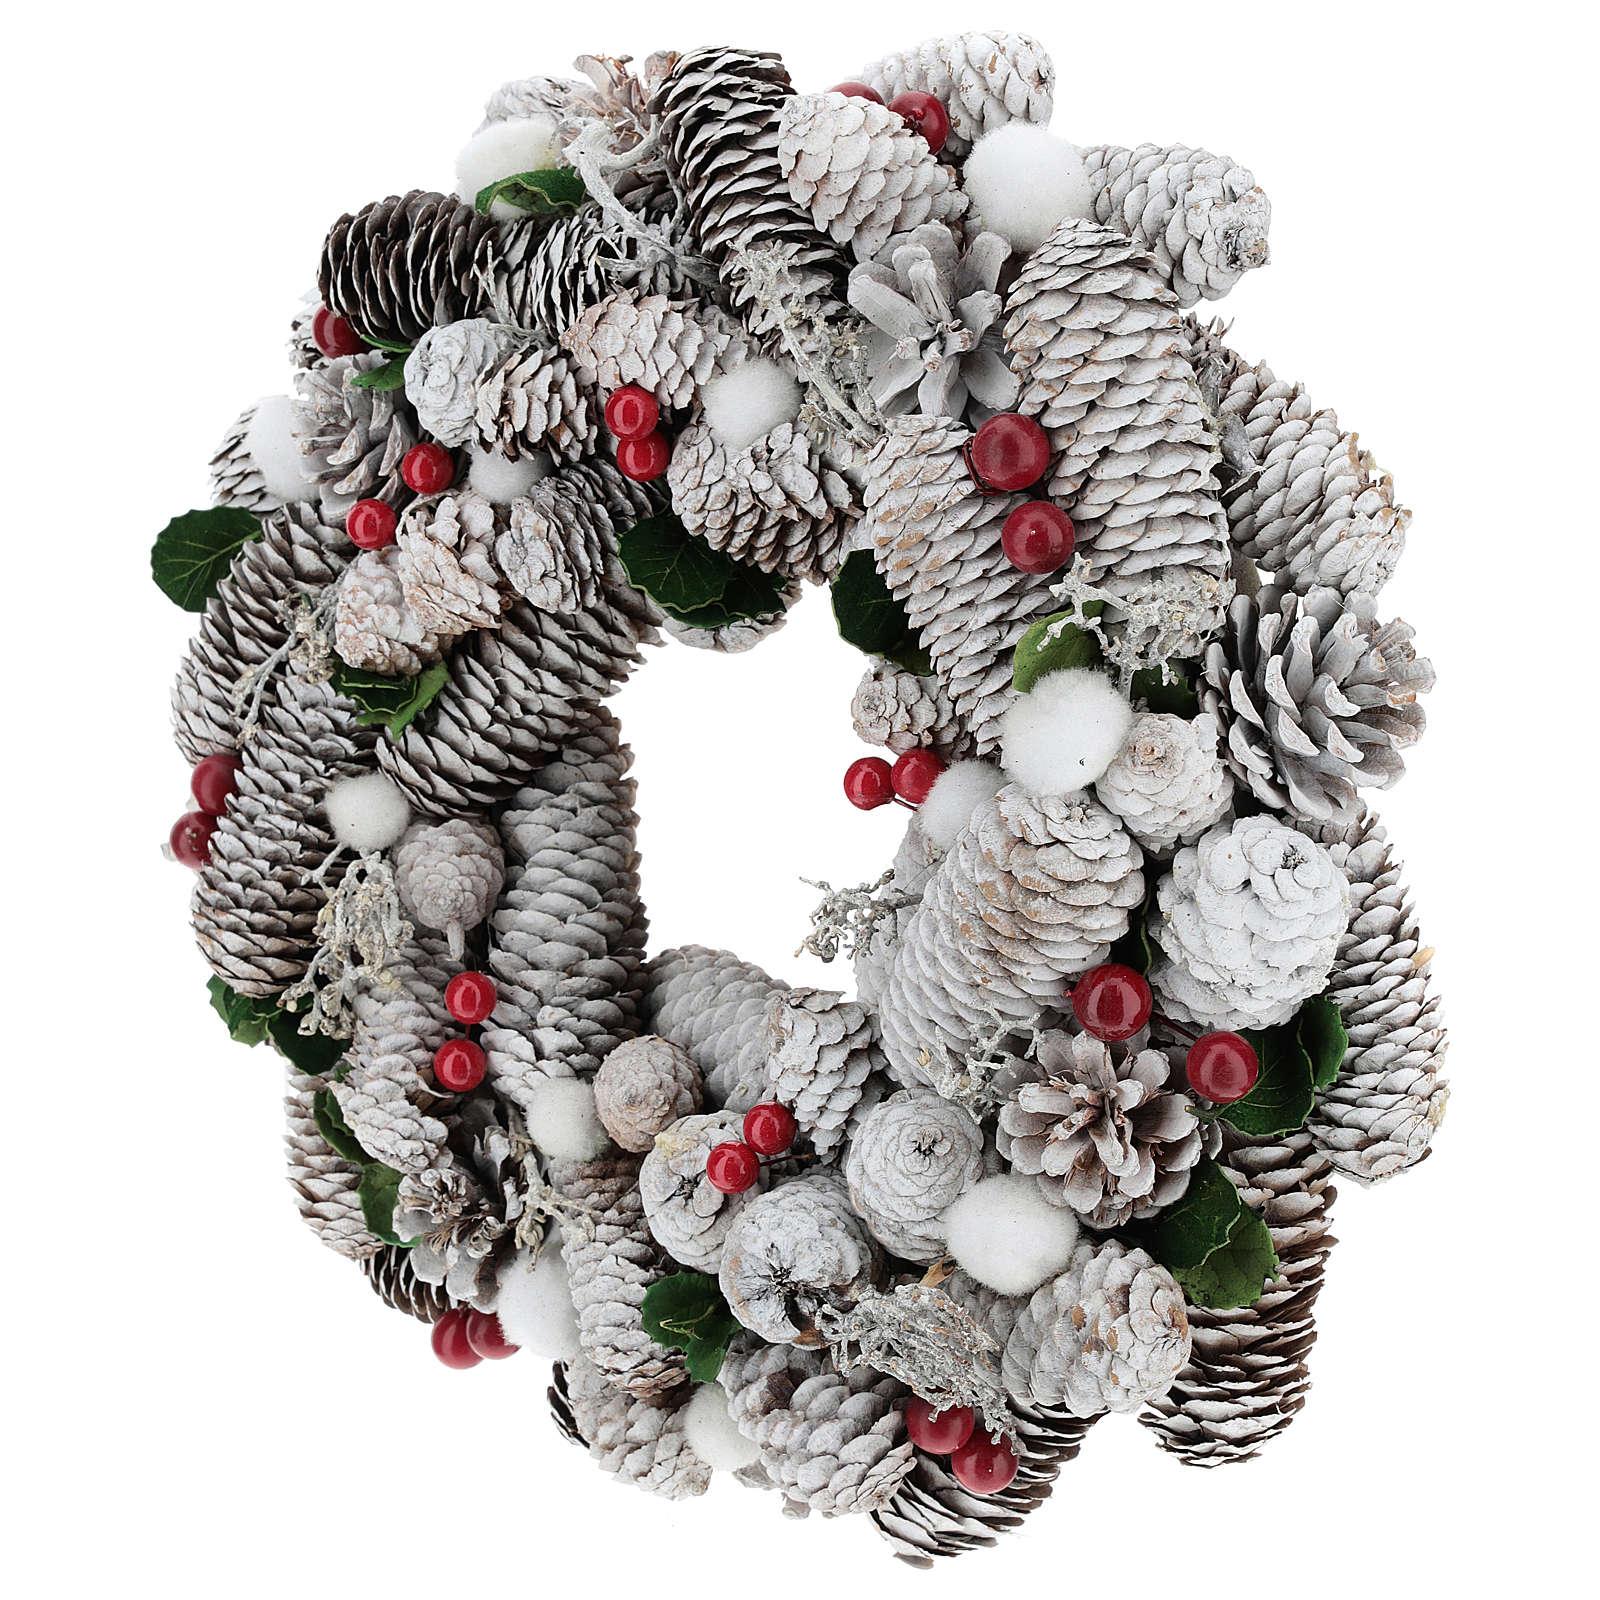 Corona di Natale bianca pigne e agrifoglio 33 cm 3